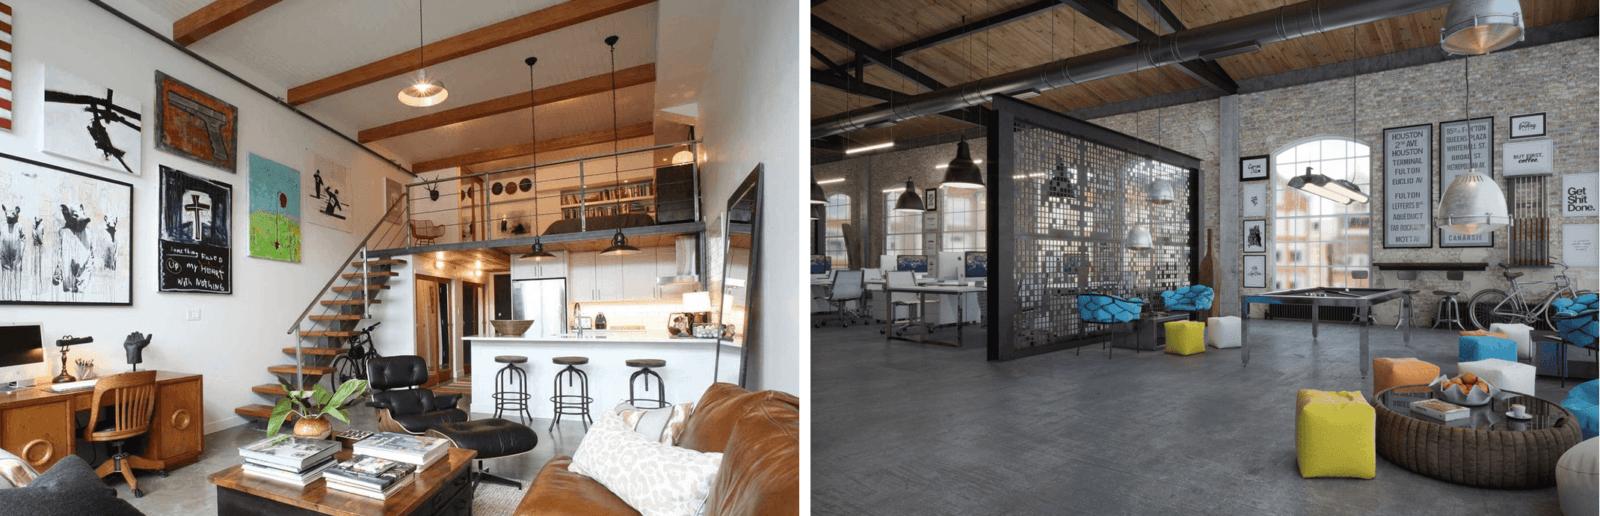 L'illuminazione per arredare spazi in stile industriale